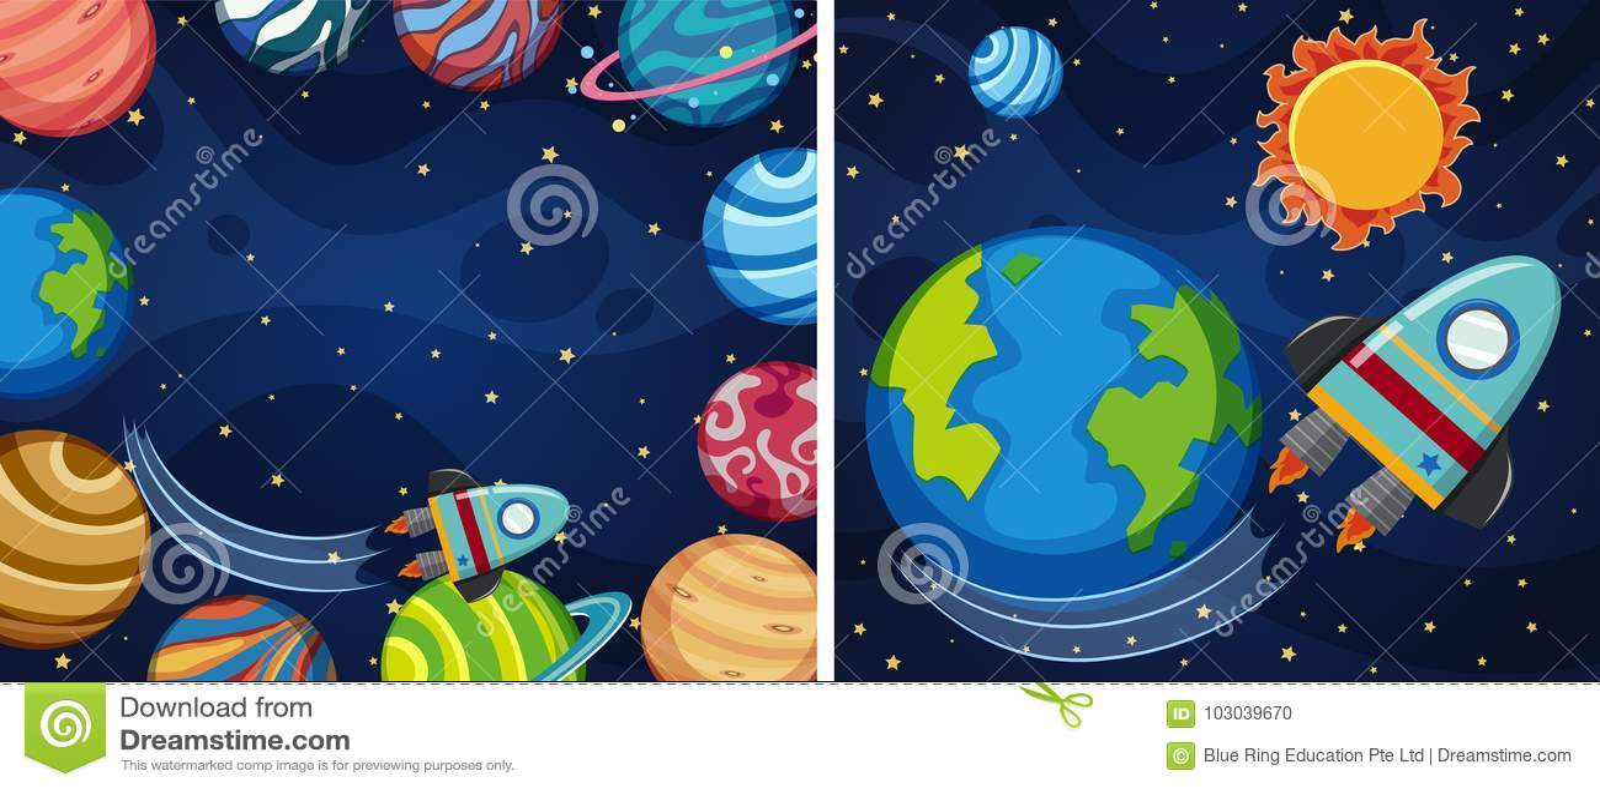 Ruimteachtergrond twee met planeten en raket